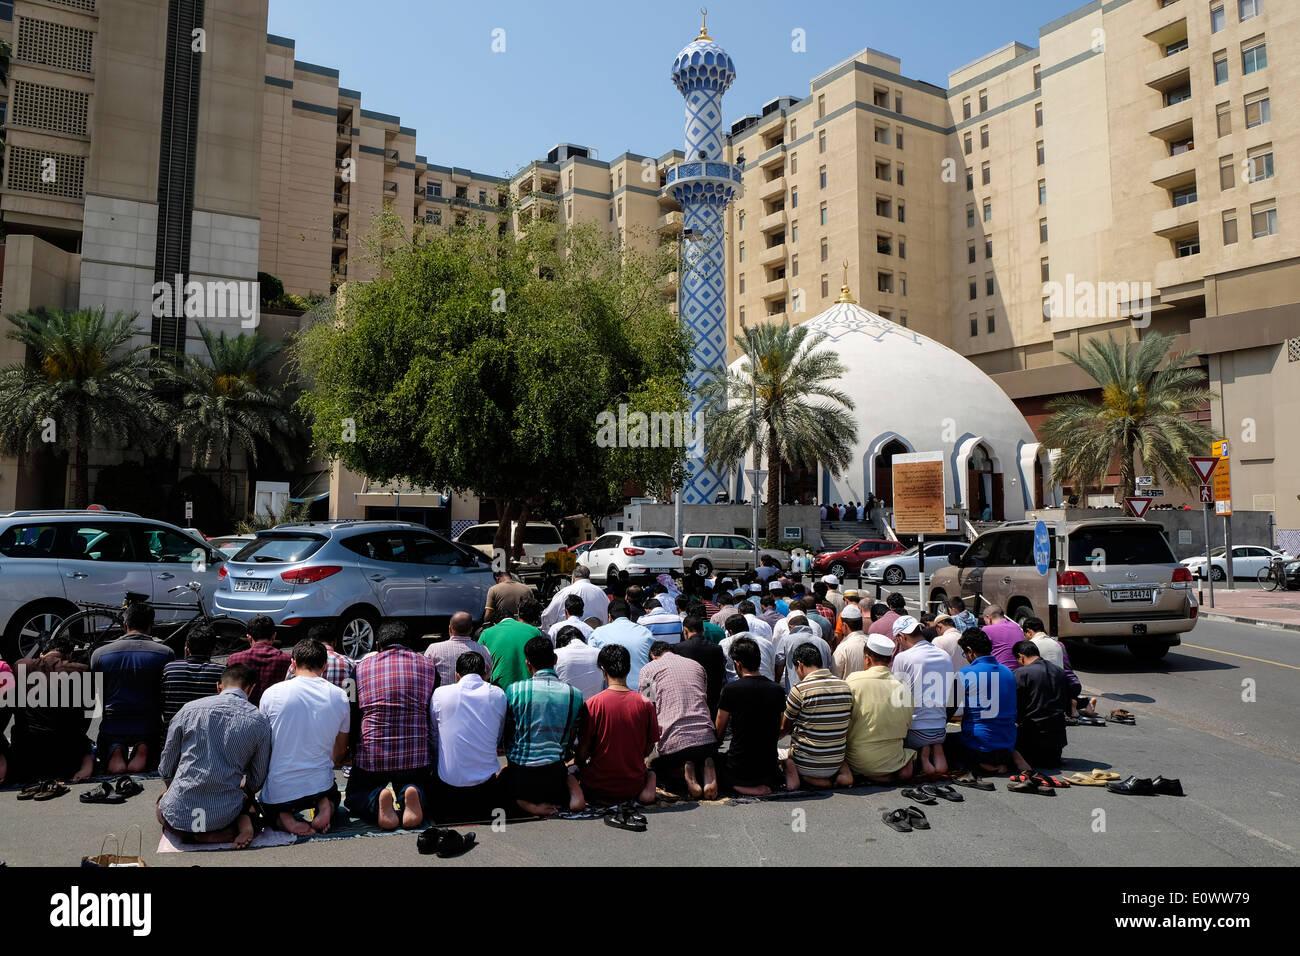 Molti uomini la preghiera del venerdì al di fuori Moschea, presso il centro commerciale di Burjuman in Dubai Emirati Arabi Uniti Immagini Stock